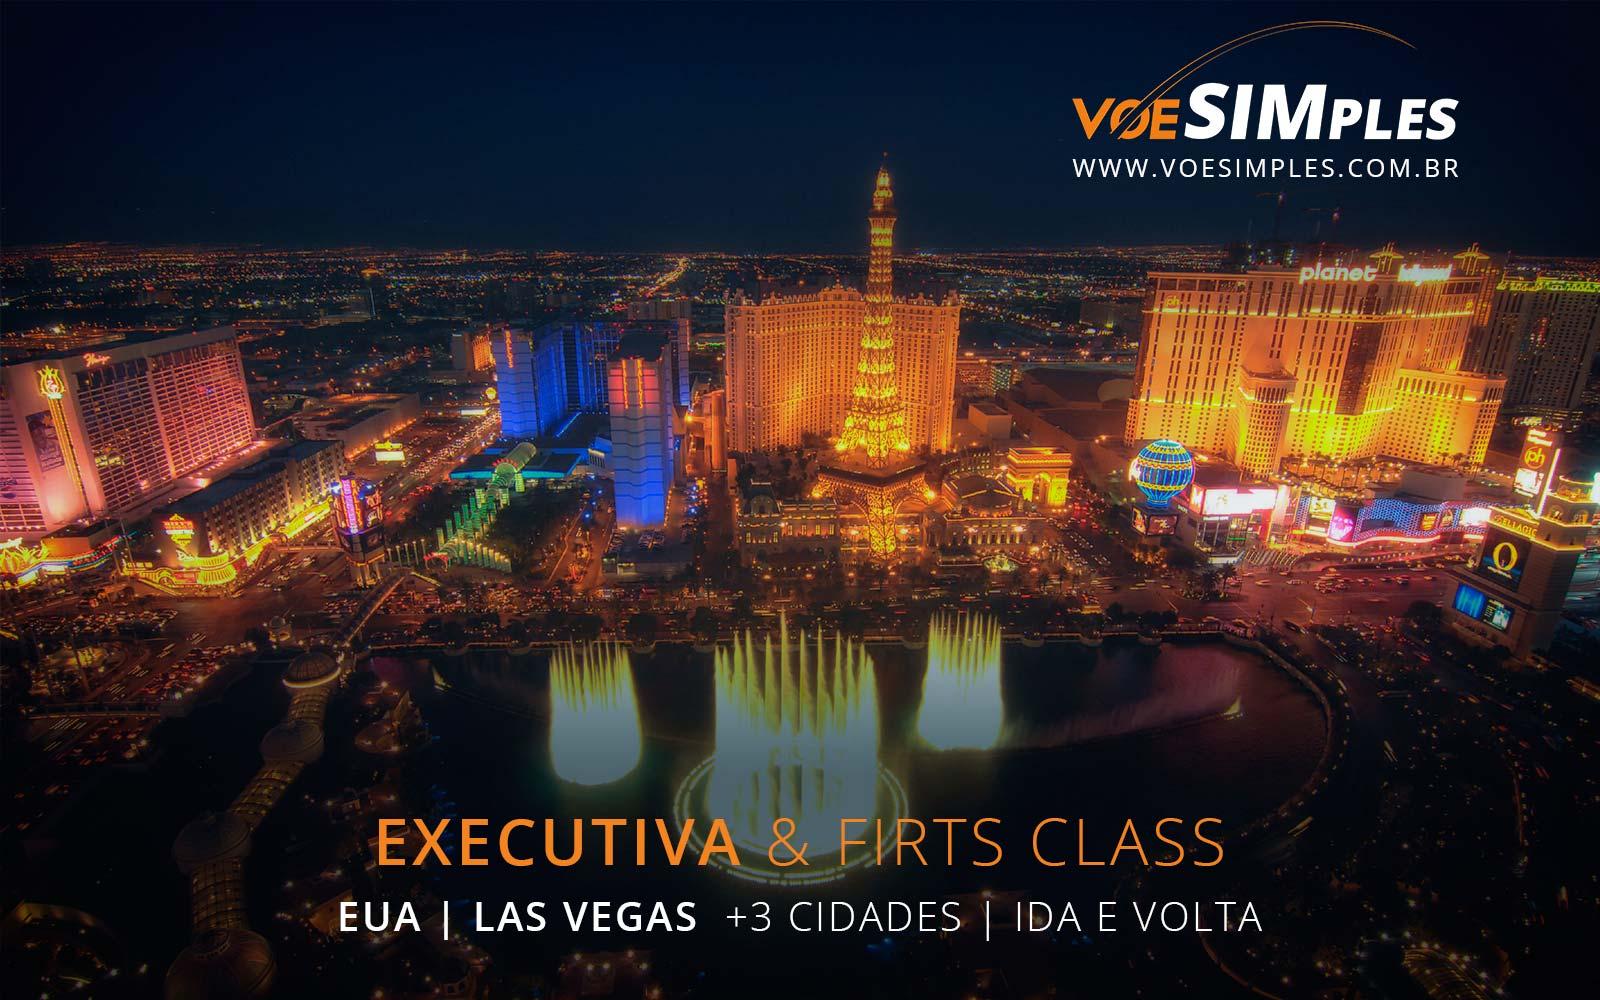 Passagens aéreas em Classe Executiva para Las Vegas, Nova York, Orlando e São Francisco nos Estados Unidos